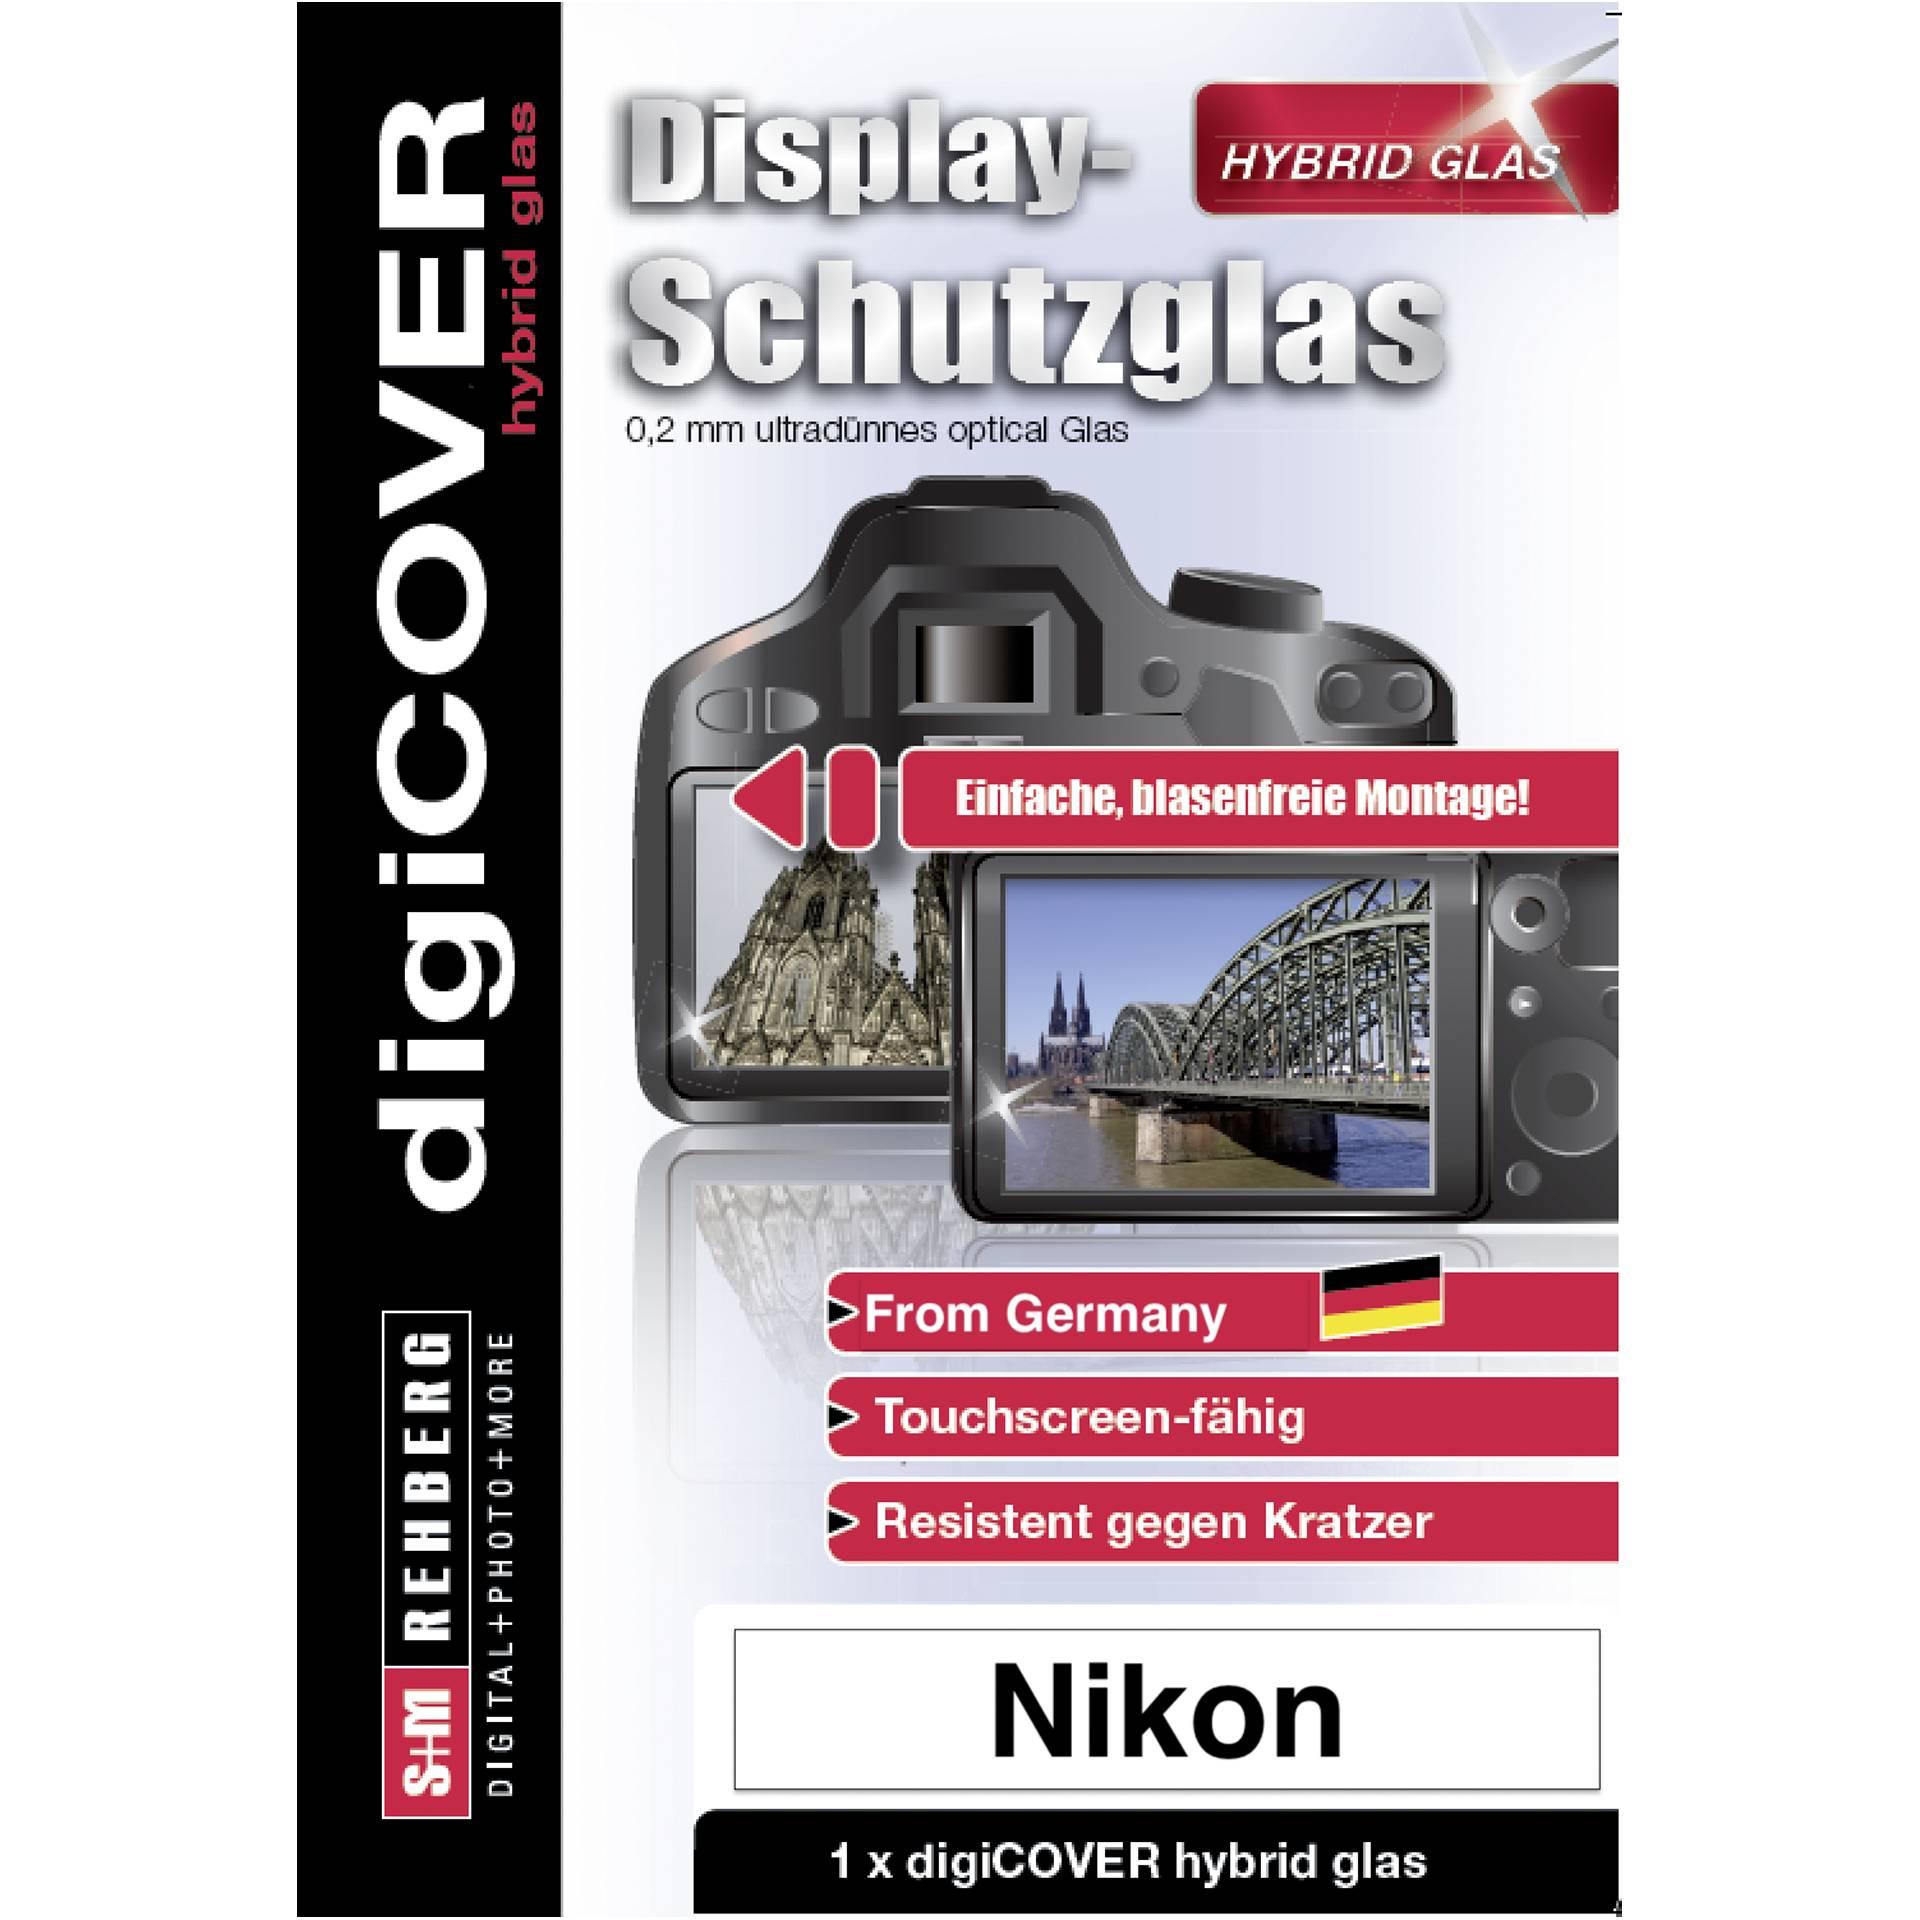 DigiCOVER Hybrid Glass Display Cover Nikon Z5